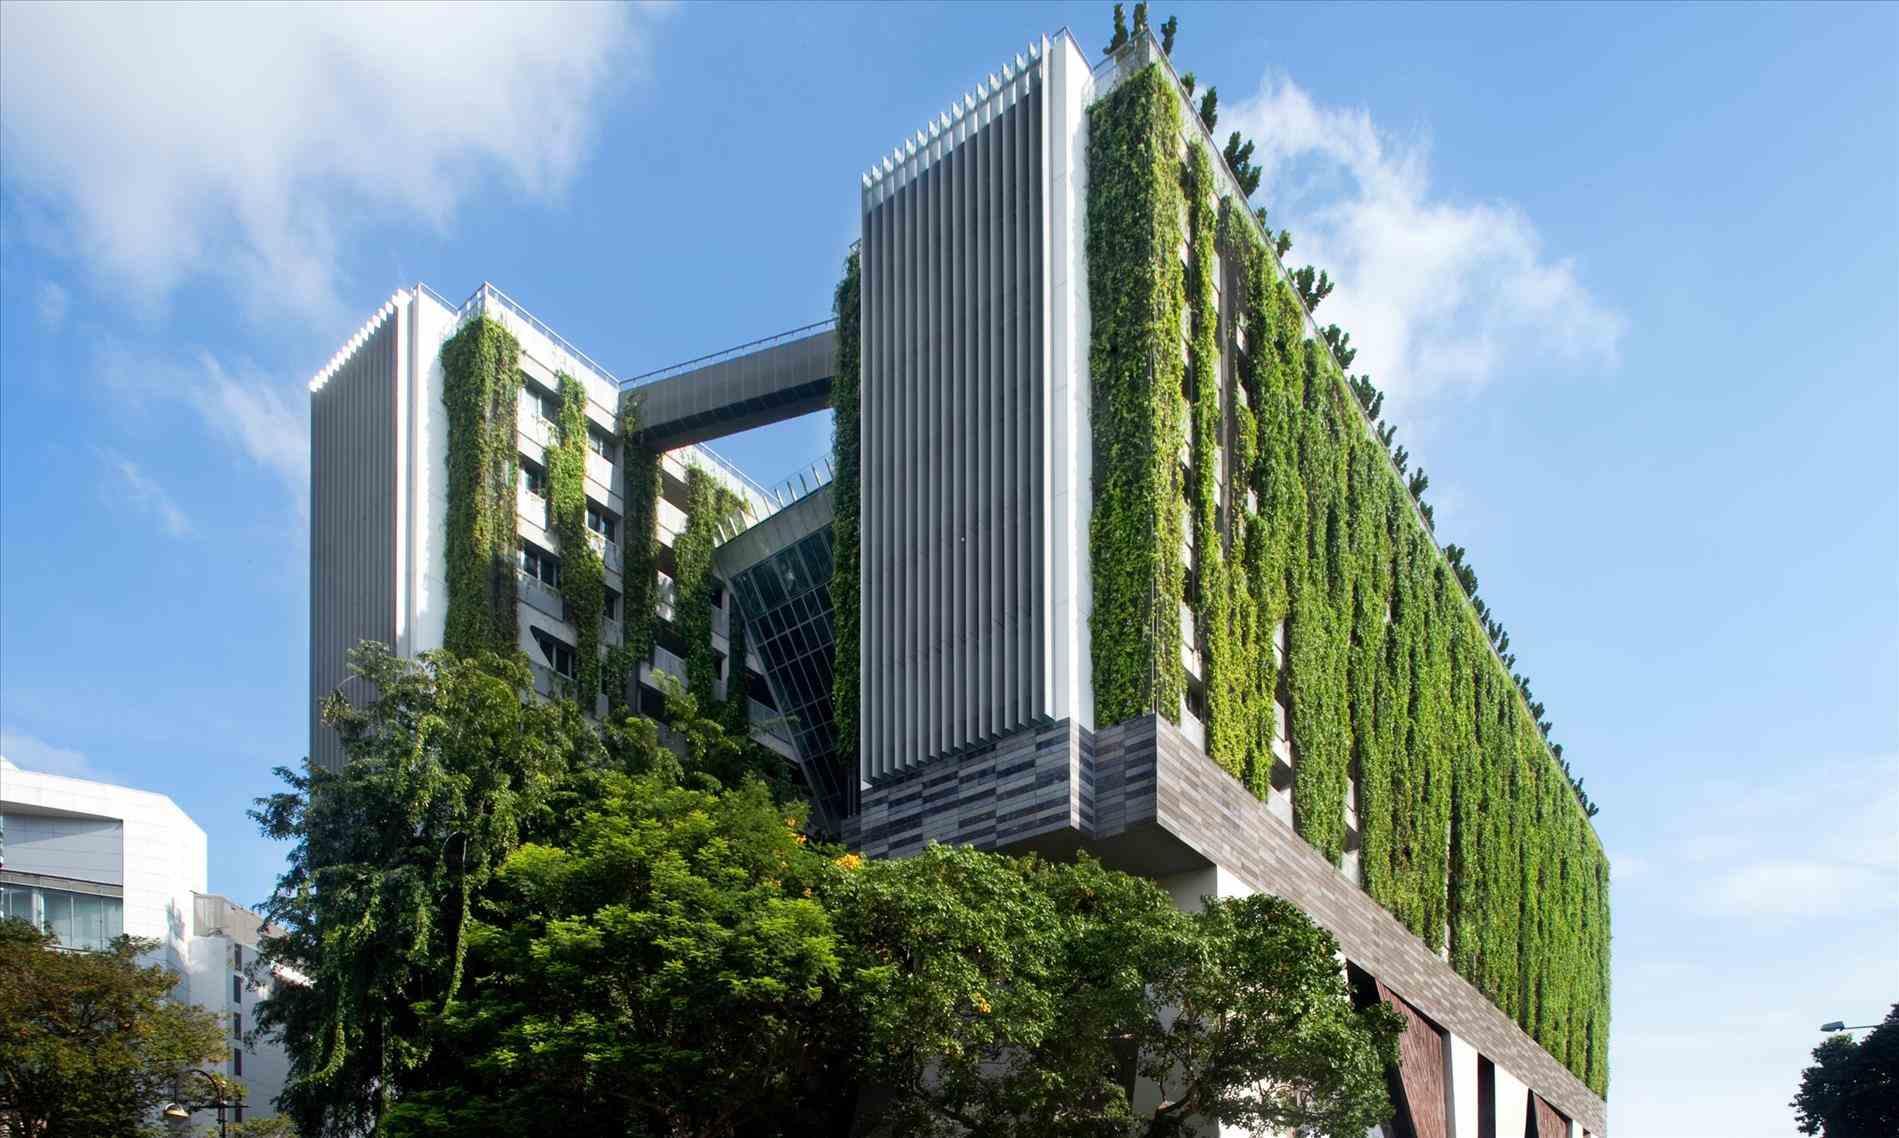 معماری پایدار چیست؟ | هر آنچه در مورد معماری پایدار باید بدانیم | خانه هوشمند زوریل